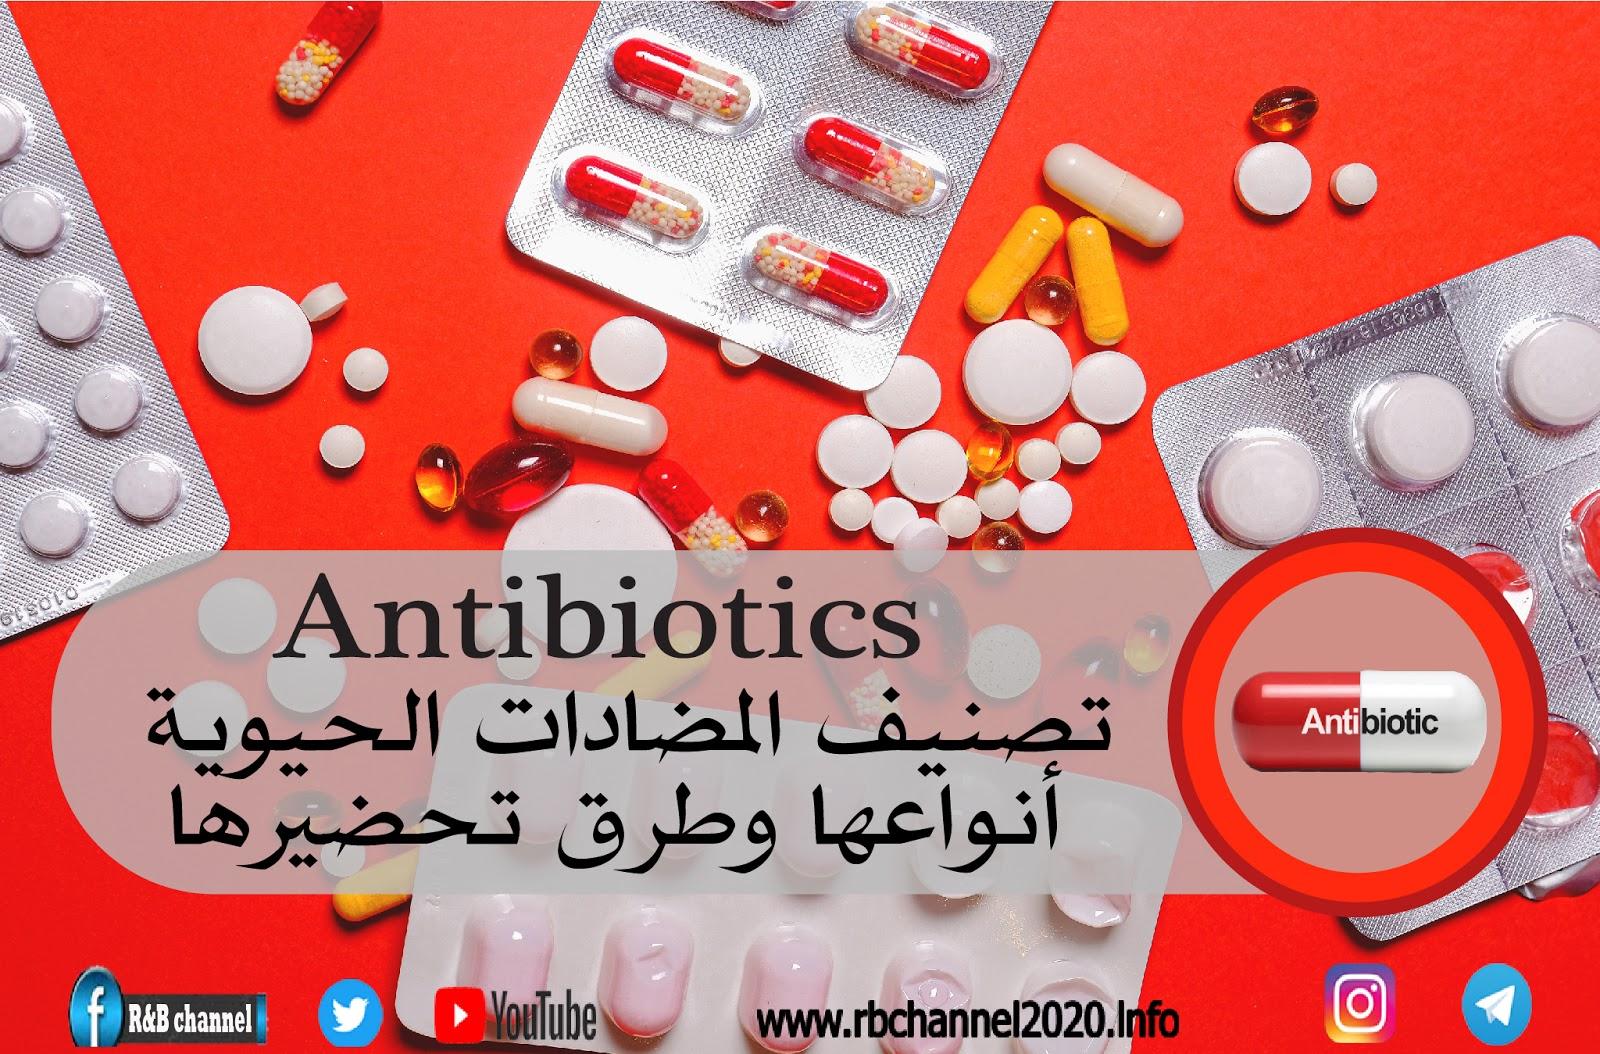 استخدام المضادات الحيوية اثناء الحمل المرسال